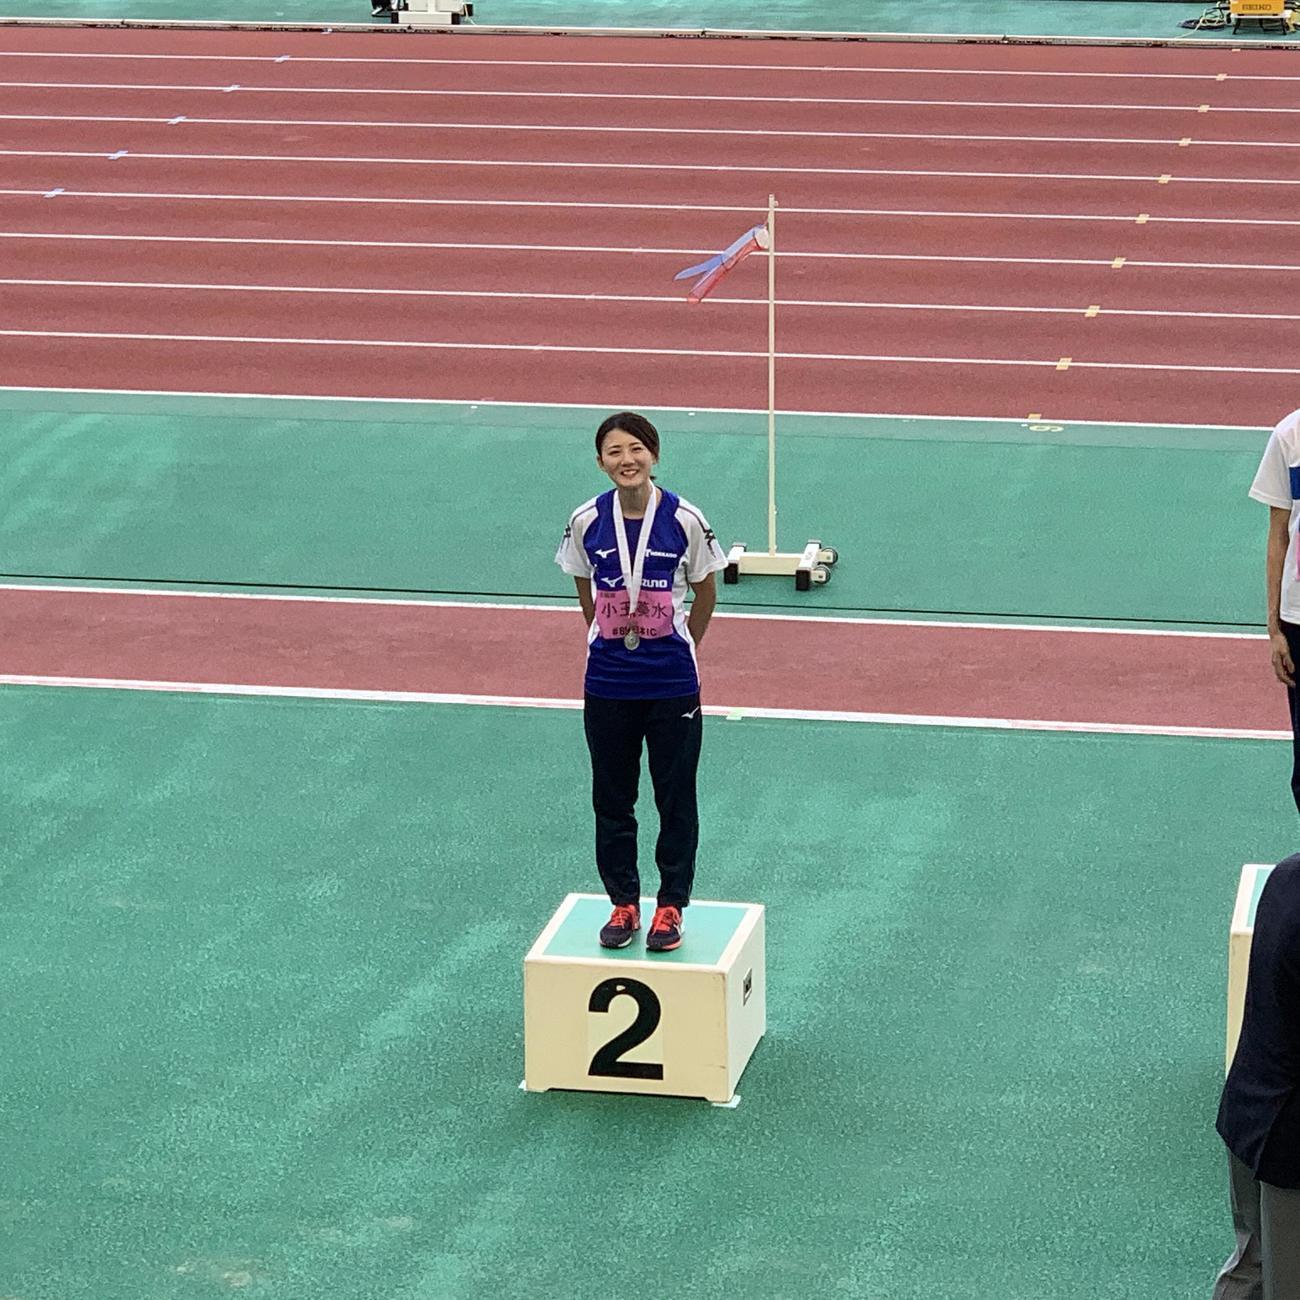 昨年9月の日本学生対校選手権で2位になった陸上女子走り幅跳びの東海大北海道・小玉(本人提供)